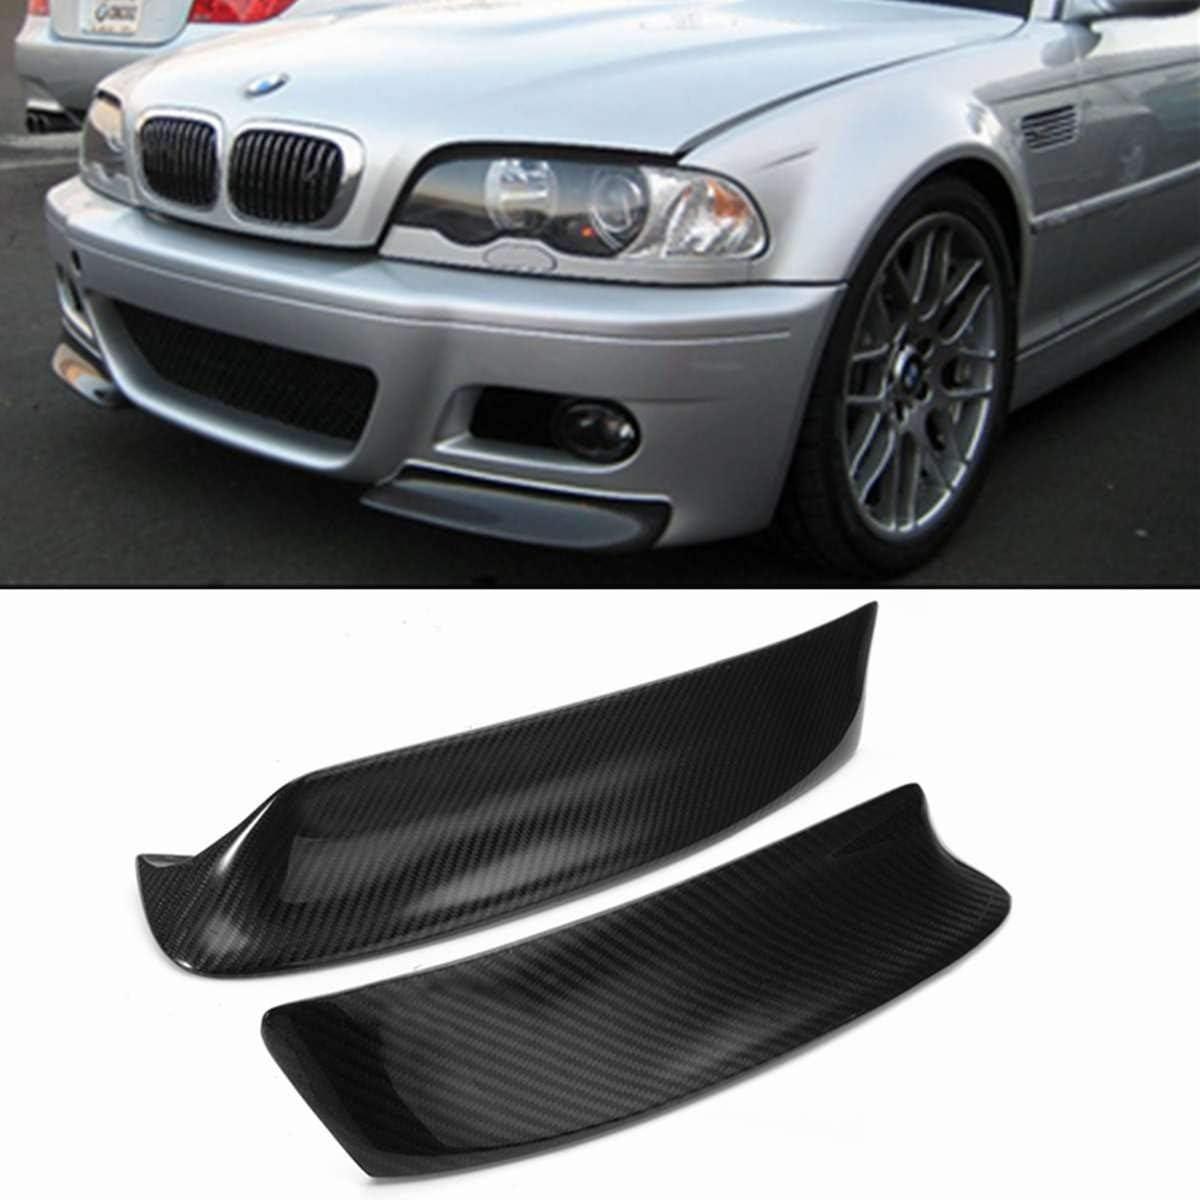 QIUXIANG Frente 1pair Real de Fibra de Carbono Auto de Choque Splitter Reborde del difusor Canard Protector de Ajuste de la Cubierta en Forma for BMW E46 M3 1999-2006